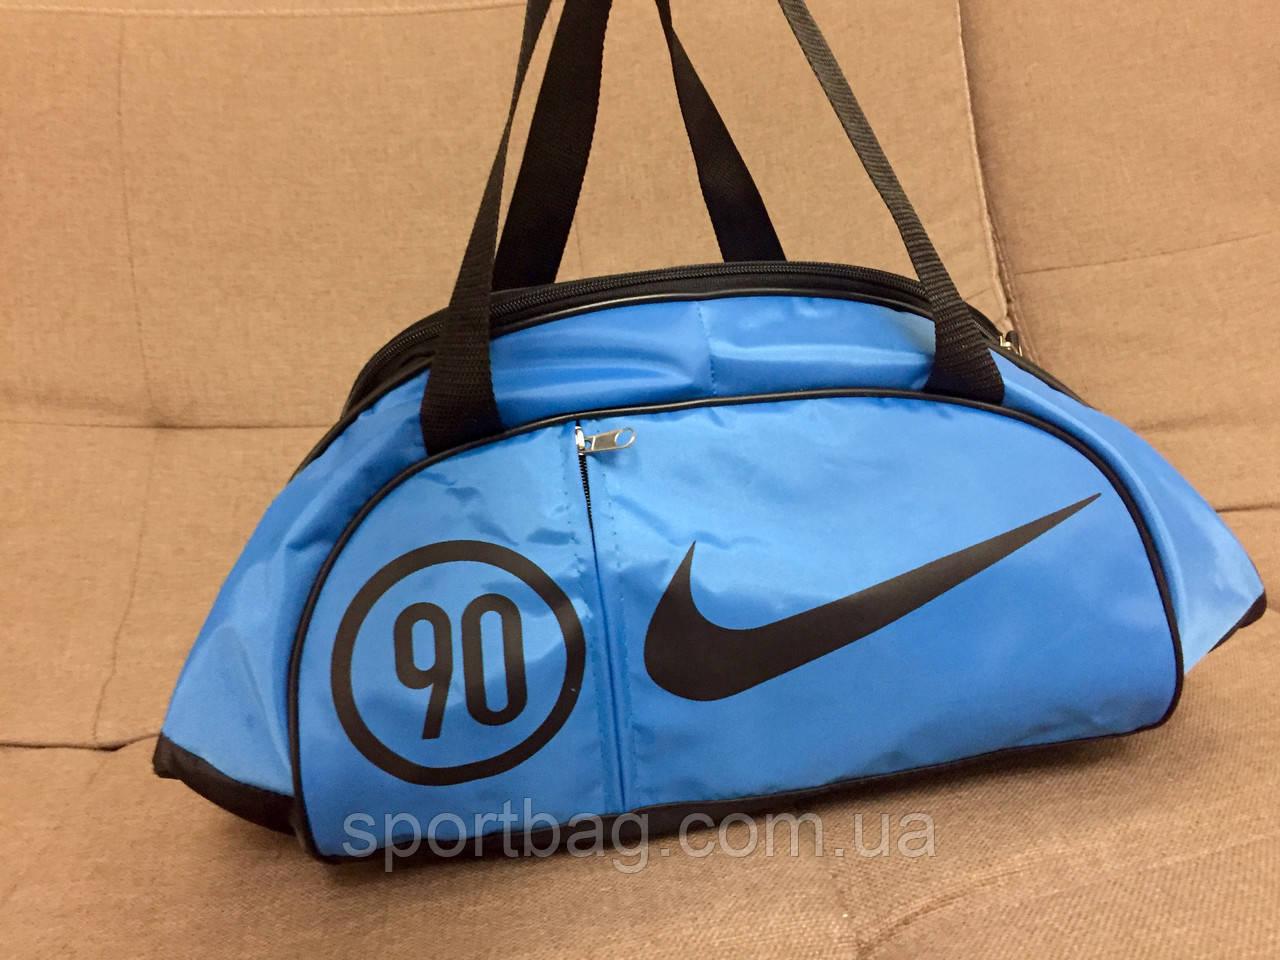 4e292bdea109 Сумка спортивная Nike (голубой + черный цвет) - Интернет-магазин  Sportbag.com